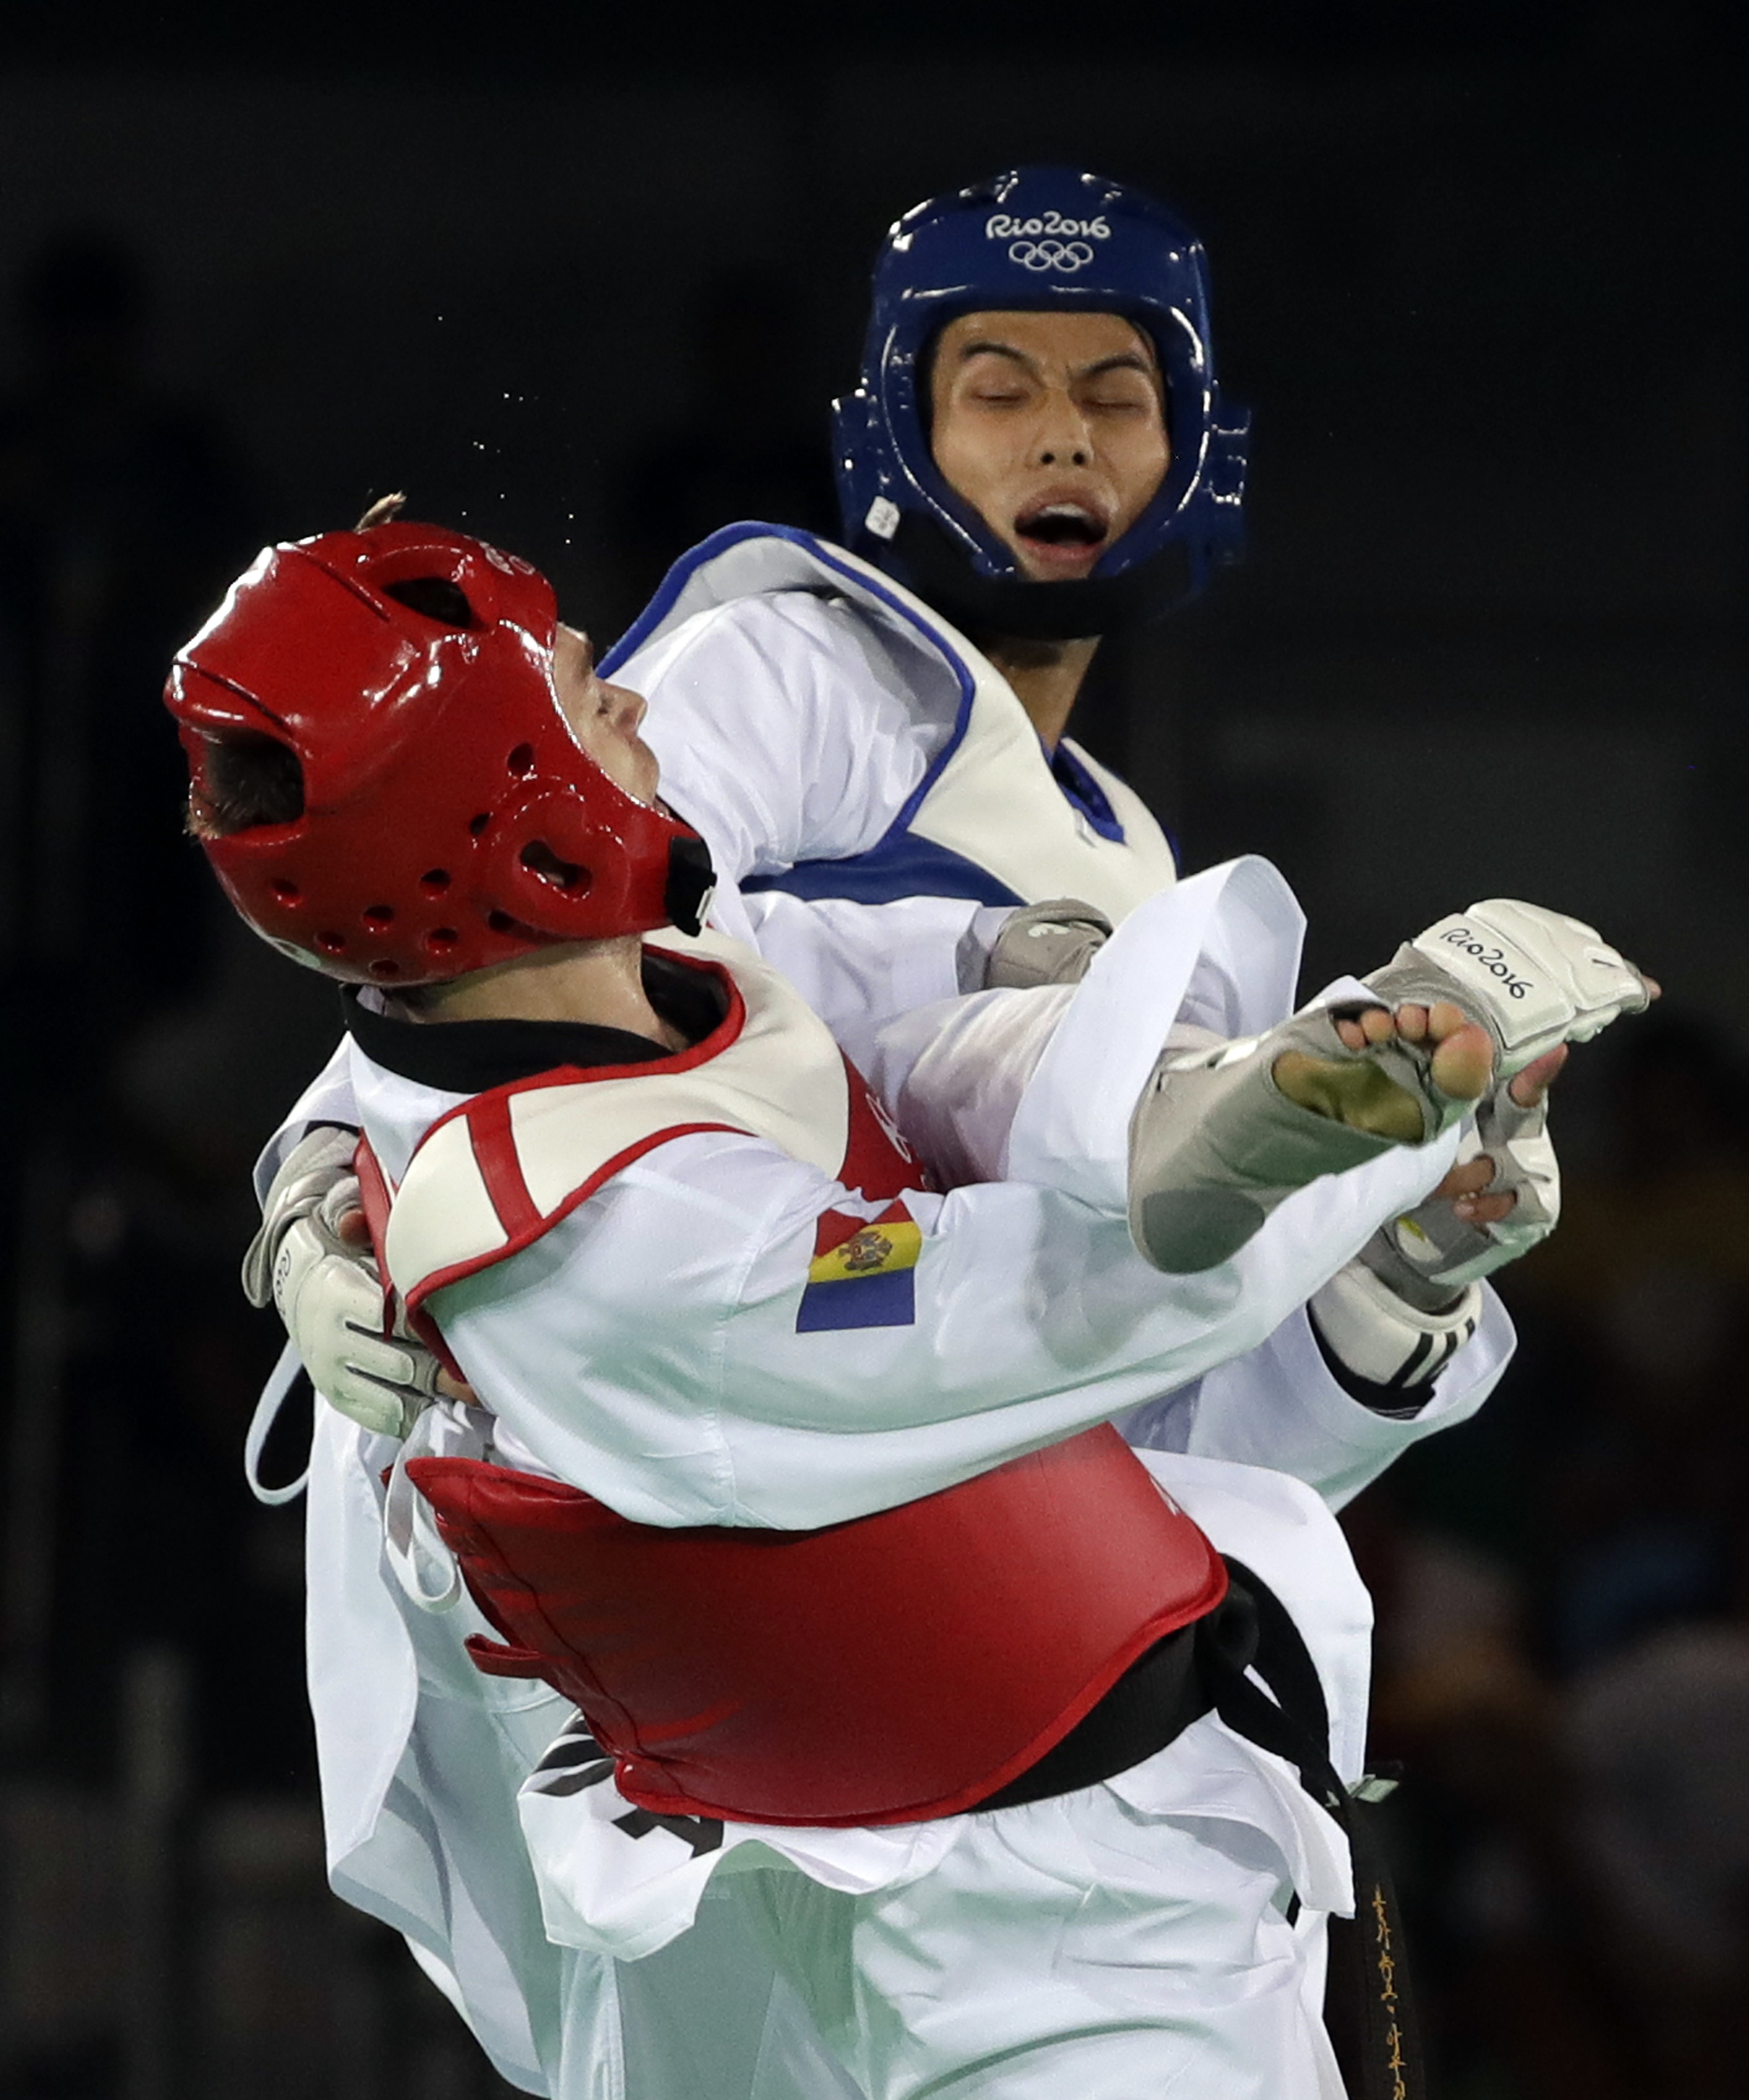 我國選手劉威廷擊退世界第一的摩爾多瓦好手庫克(Aaron Cook)。(美聯社)